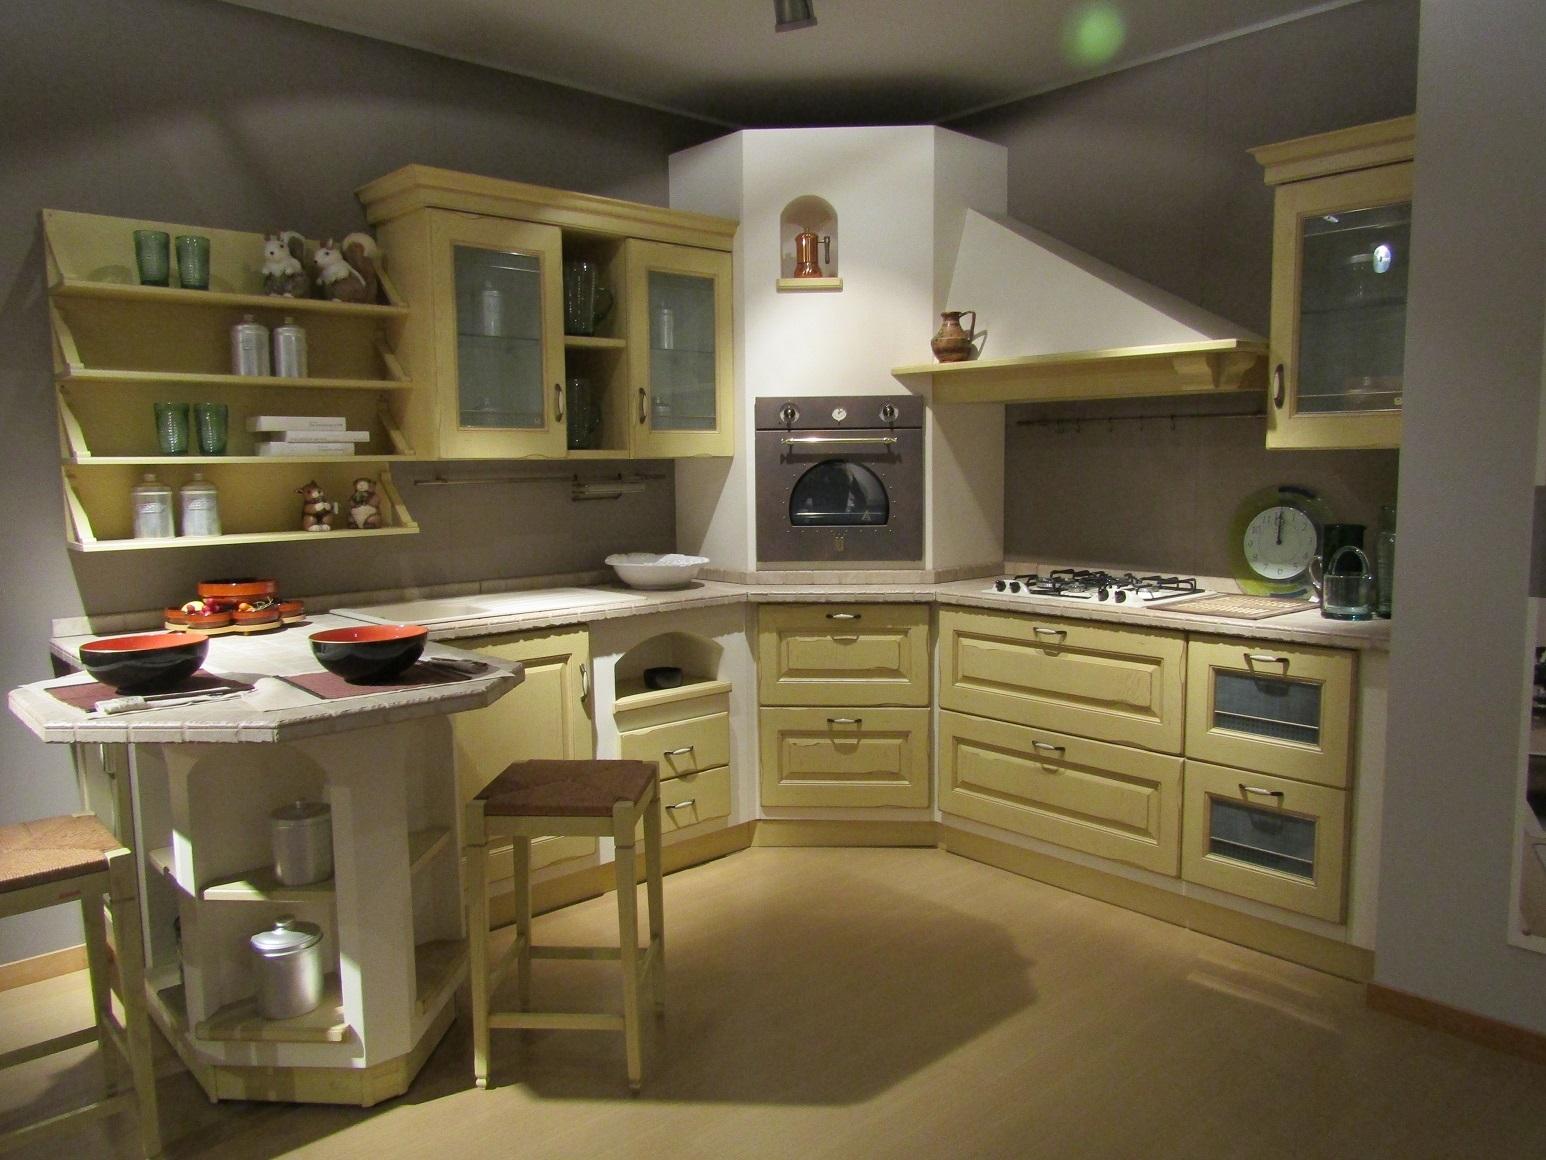 Scavolini cucina modello belvedere offerta 60 cucine a prezzi scontati - Prezzo cucine scavolini ...